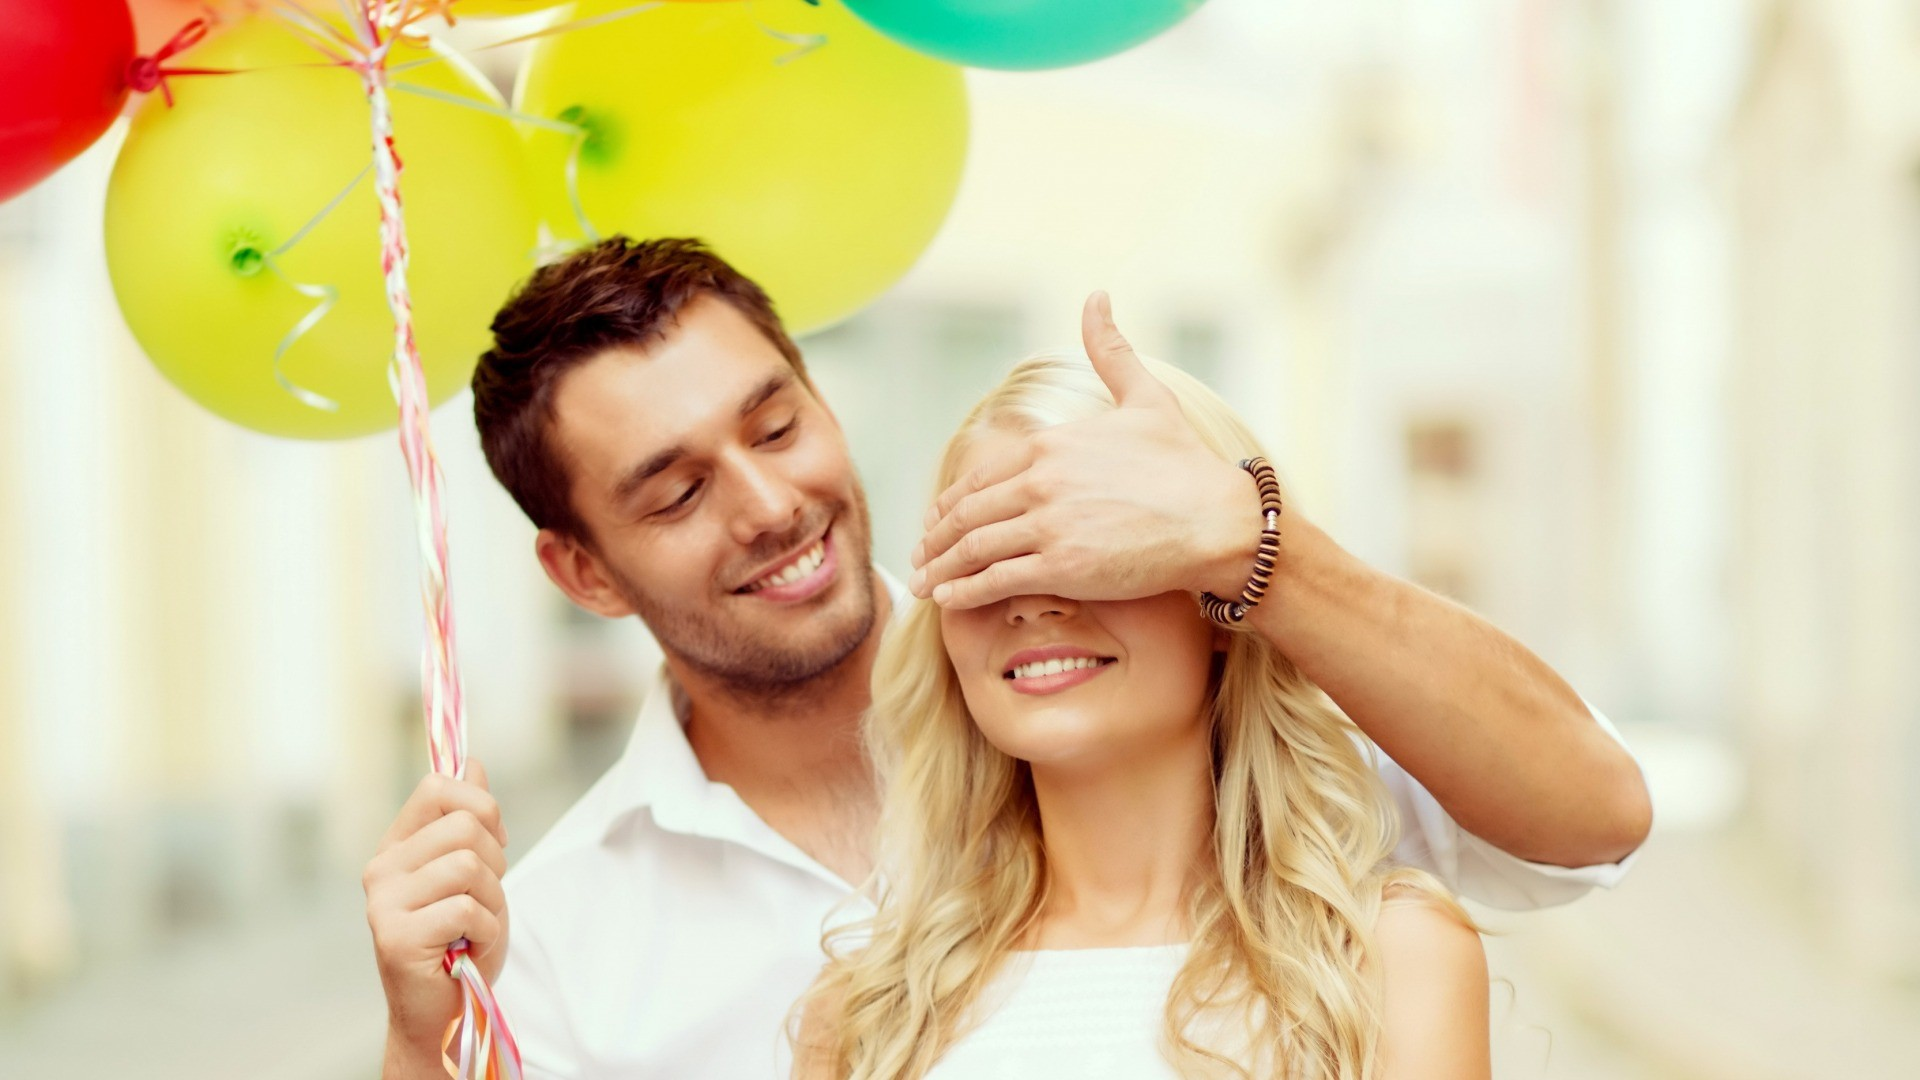 Как сделать чтобы девушка чувствовала себя счастливой